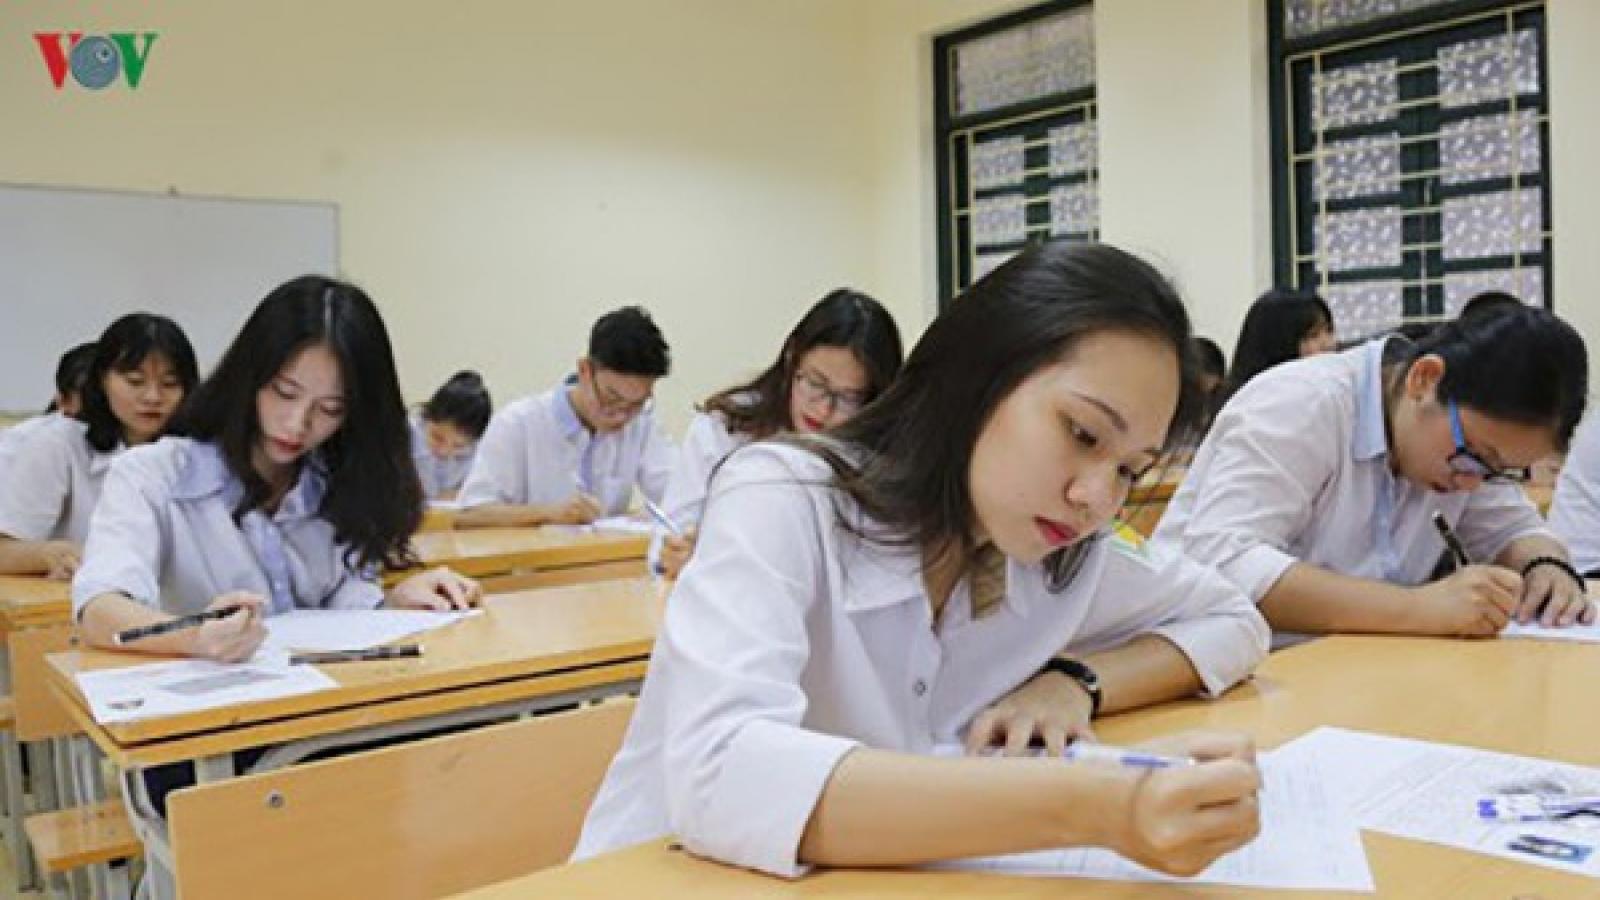 Có nên tổ chức kỳ thi tốt nghiệp THPT khi Đà Nẵng giãn cách xã hội?